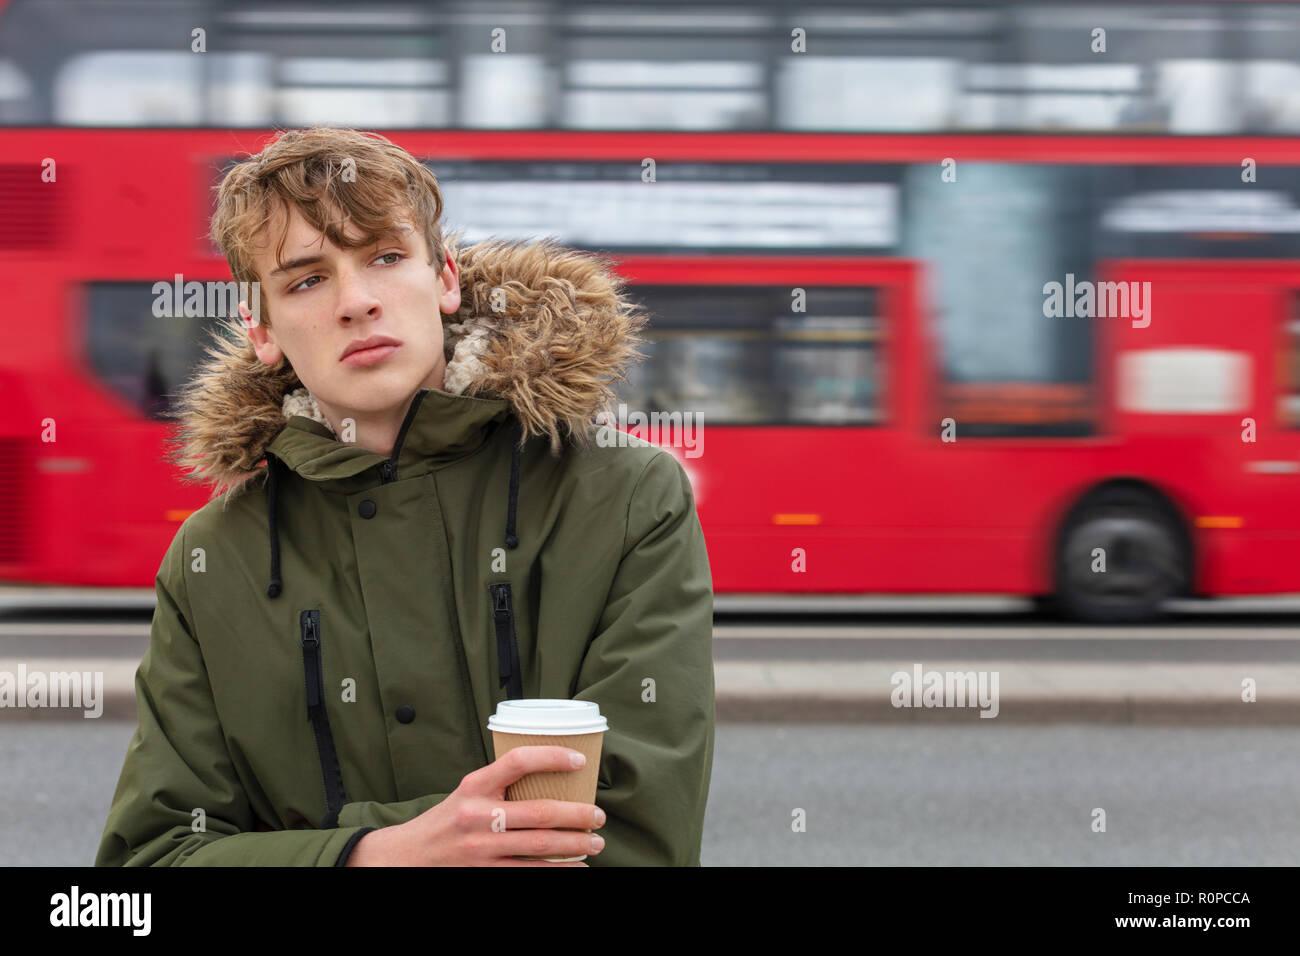 2025f249c037 Nachdenkliches traurig, deprimiert, männliche Junge Erwachsene Teenager  tragen parka Jacke trinken takeout Kaffee in